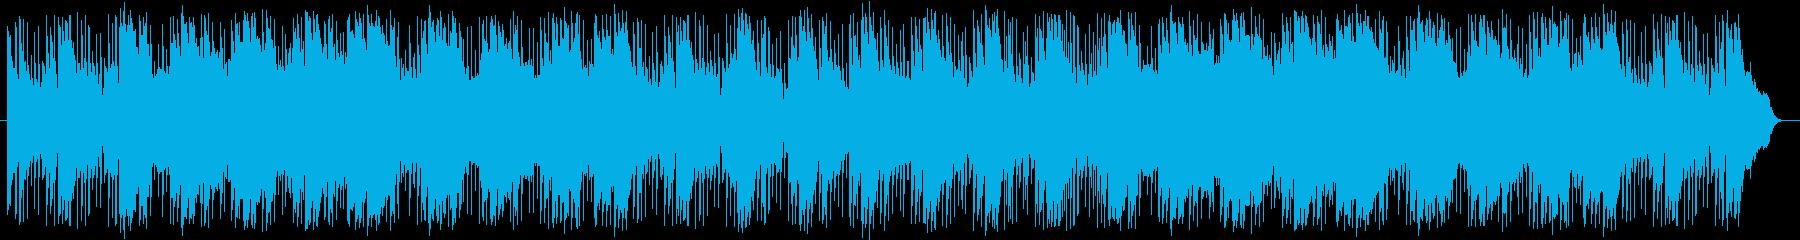 モンハン「ココット村」風民族楽曲の再生済みの波形